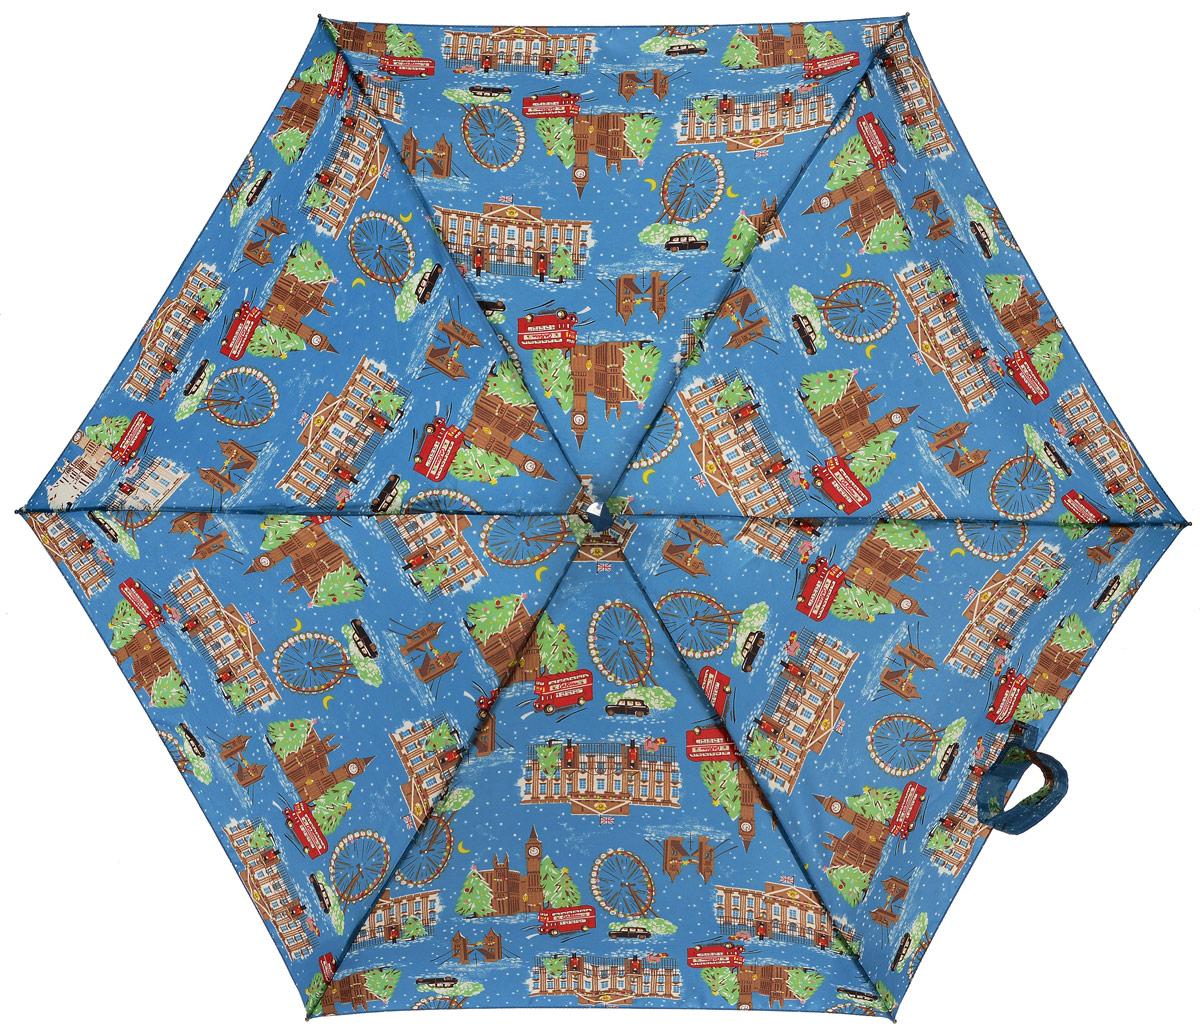 Зонт женский механика Cath Kidston Fulton, расцветка: лондон. L739-2650 LondonChristmasL739-2650 LondonChristmasПрочный, необыкновенно компактный зонт в подарочной упаковке Удобный плоский чехол. Облегченный алюминиевый каркас с элементами из фибергласса. Ветроустойчивая конструкция. Размеры зонта в сложенном виде 15смх6смх3см, диаметр купола 87 см.